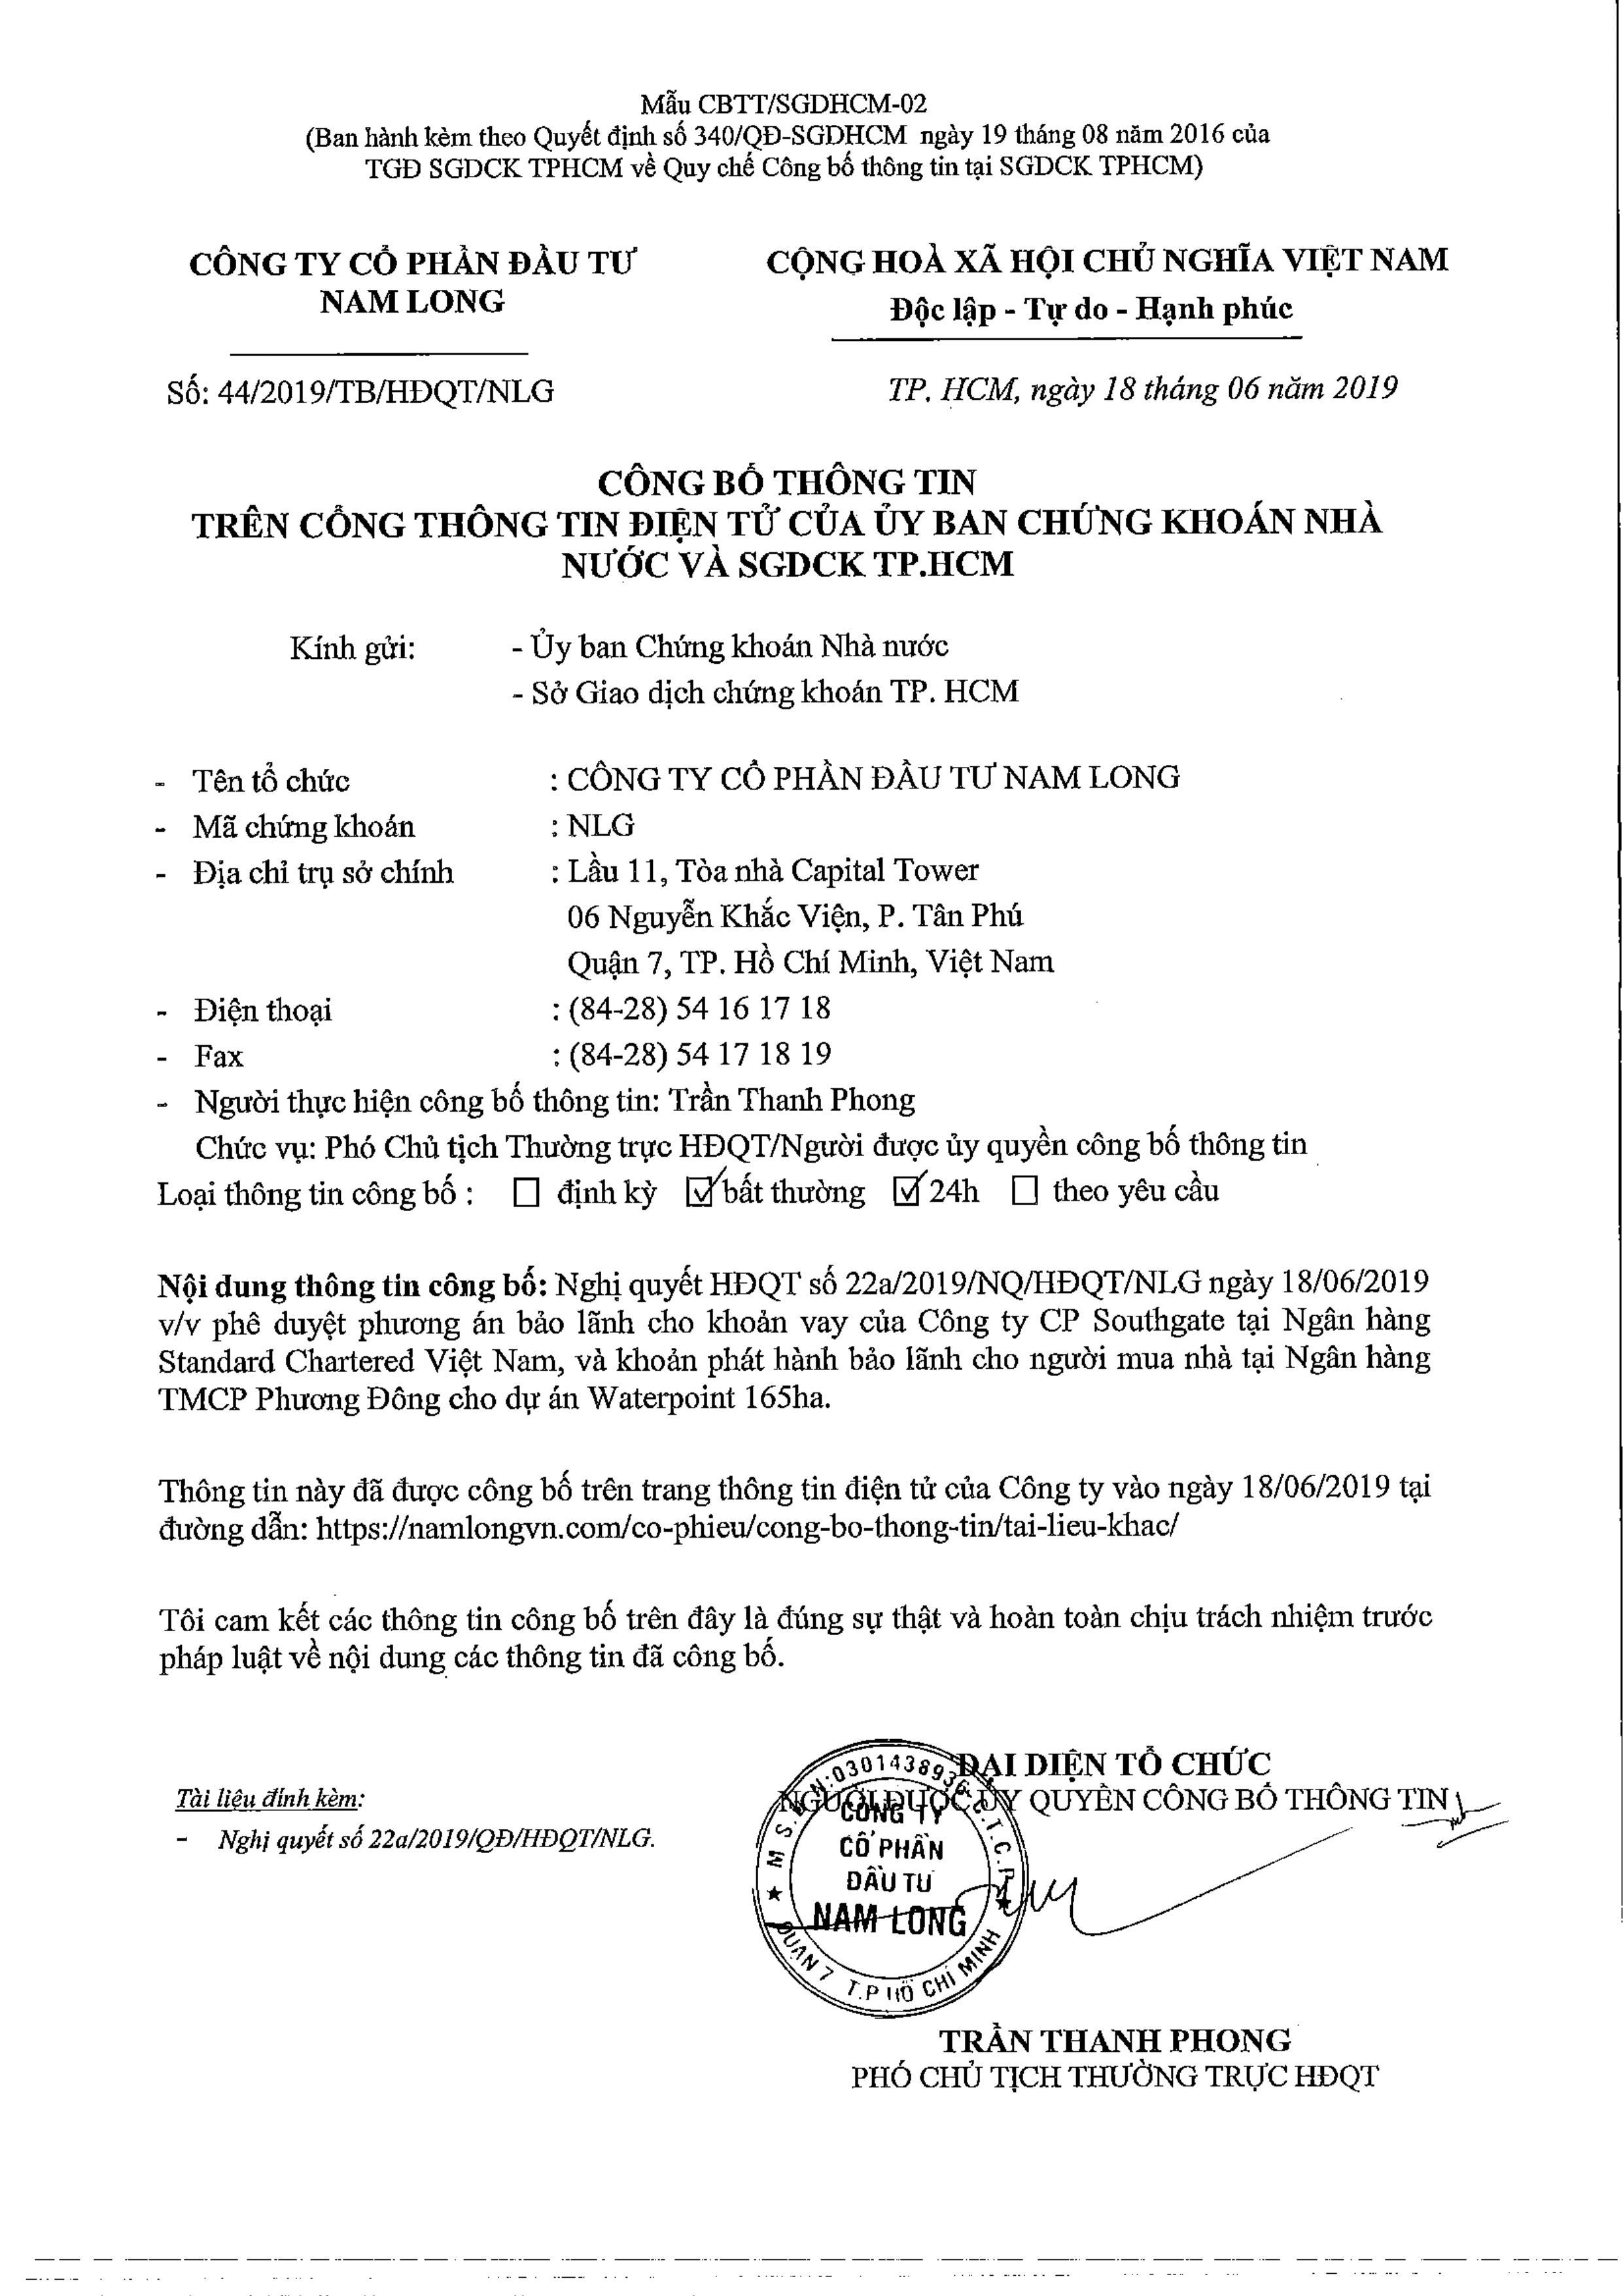 NGAN HANG BAO LANH DU AN WATERPOINT LONG AN NAM LONG HCM 01 - Waterpoint Long An - Dự án bất động sản được chờ đợi nhất năm 2019